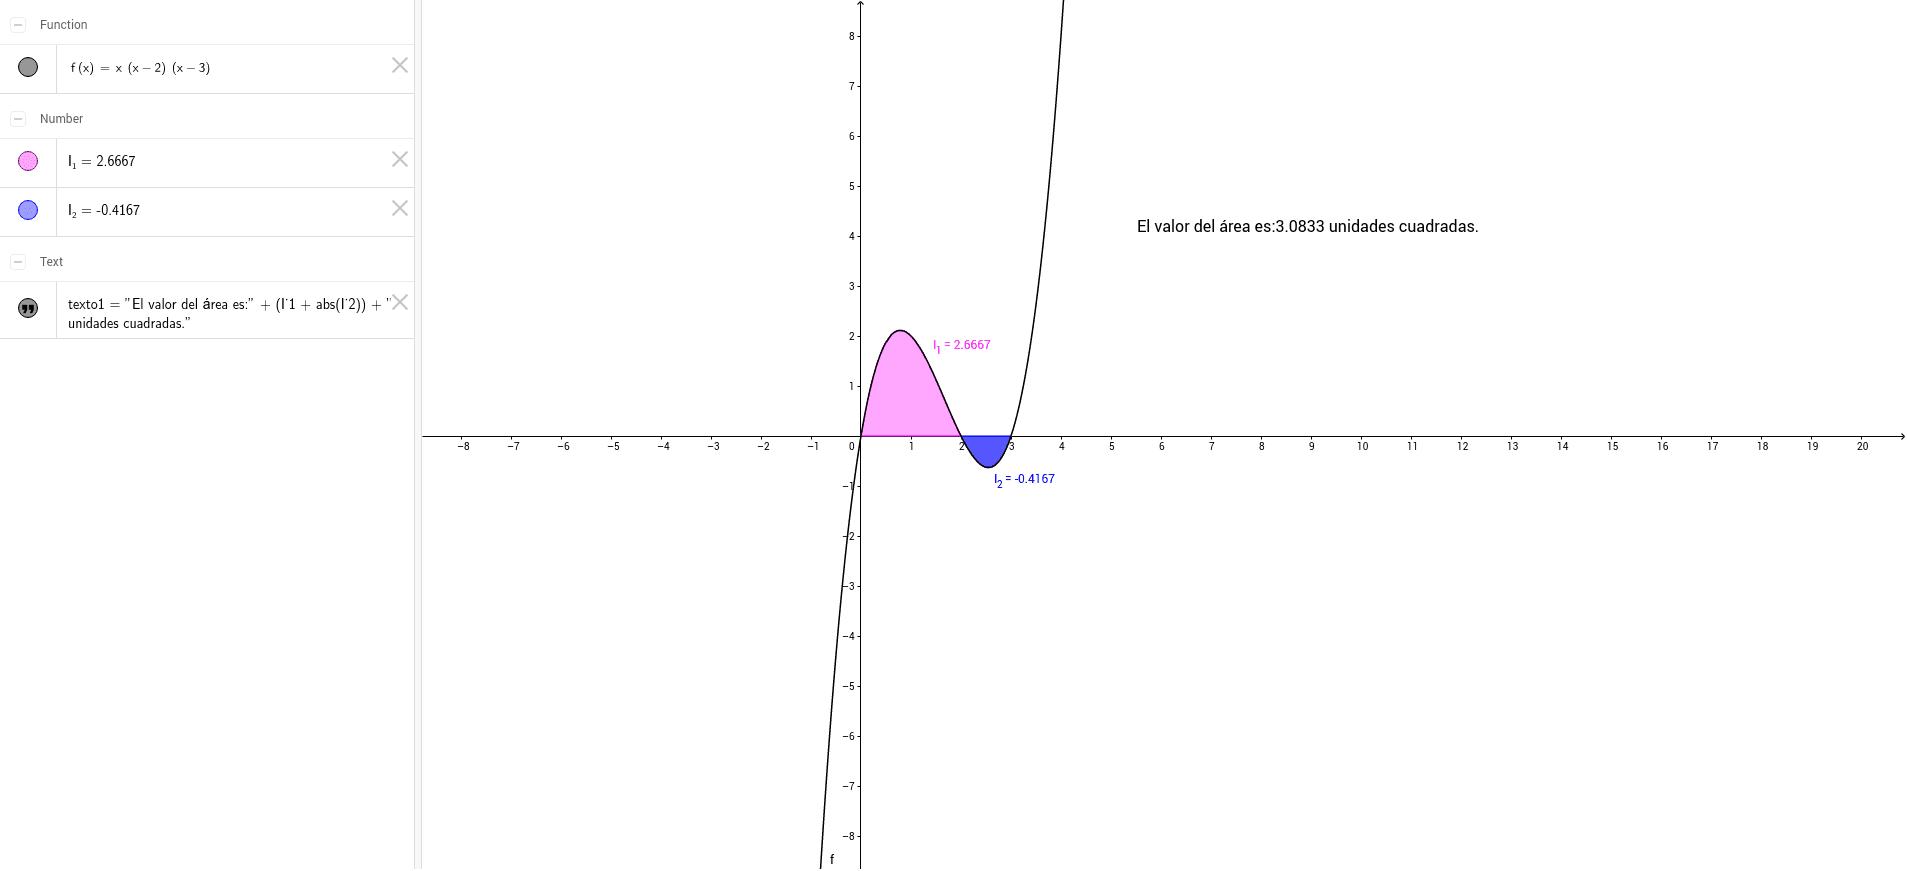 Calcular el área de la región plana limitada por la curva y=x(x-2)(x-3) y la recta de ecuación y=0.